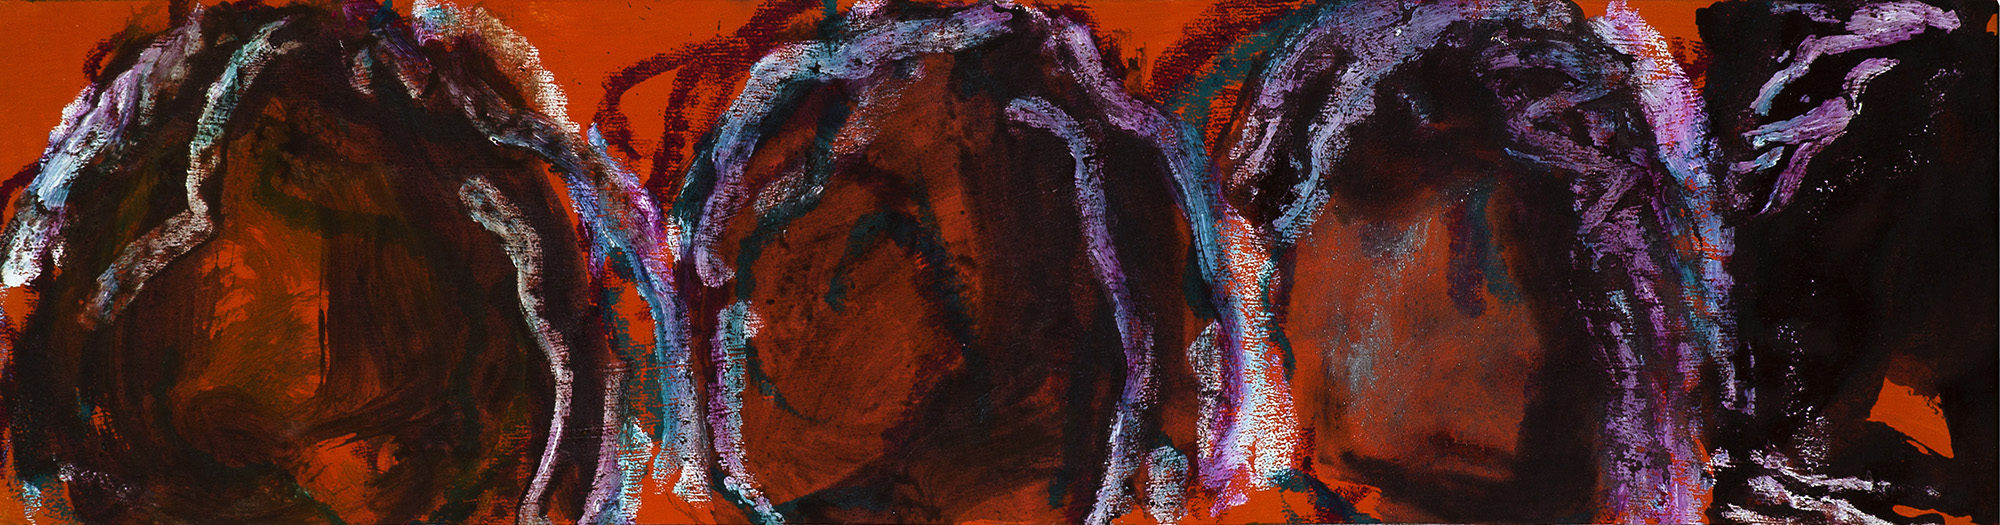 Prunes, Calaceite, 2011, TM sur toile, 35 x 134 cm